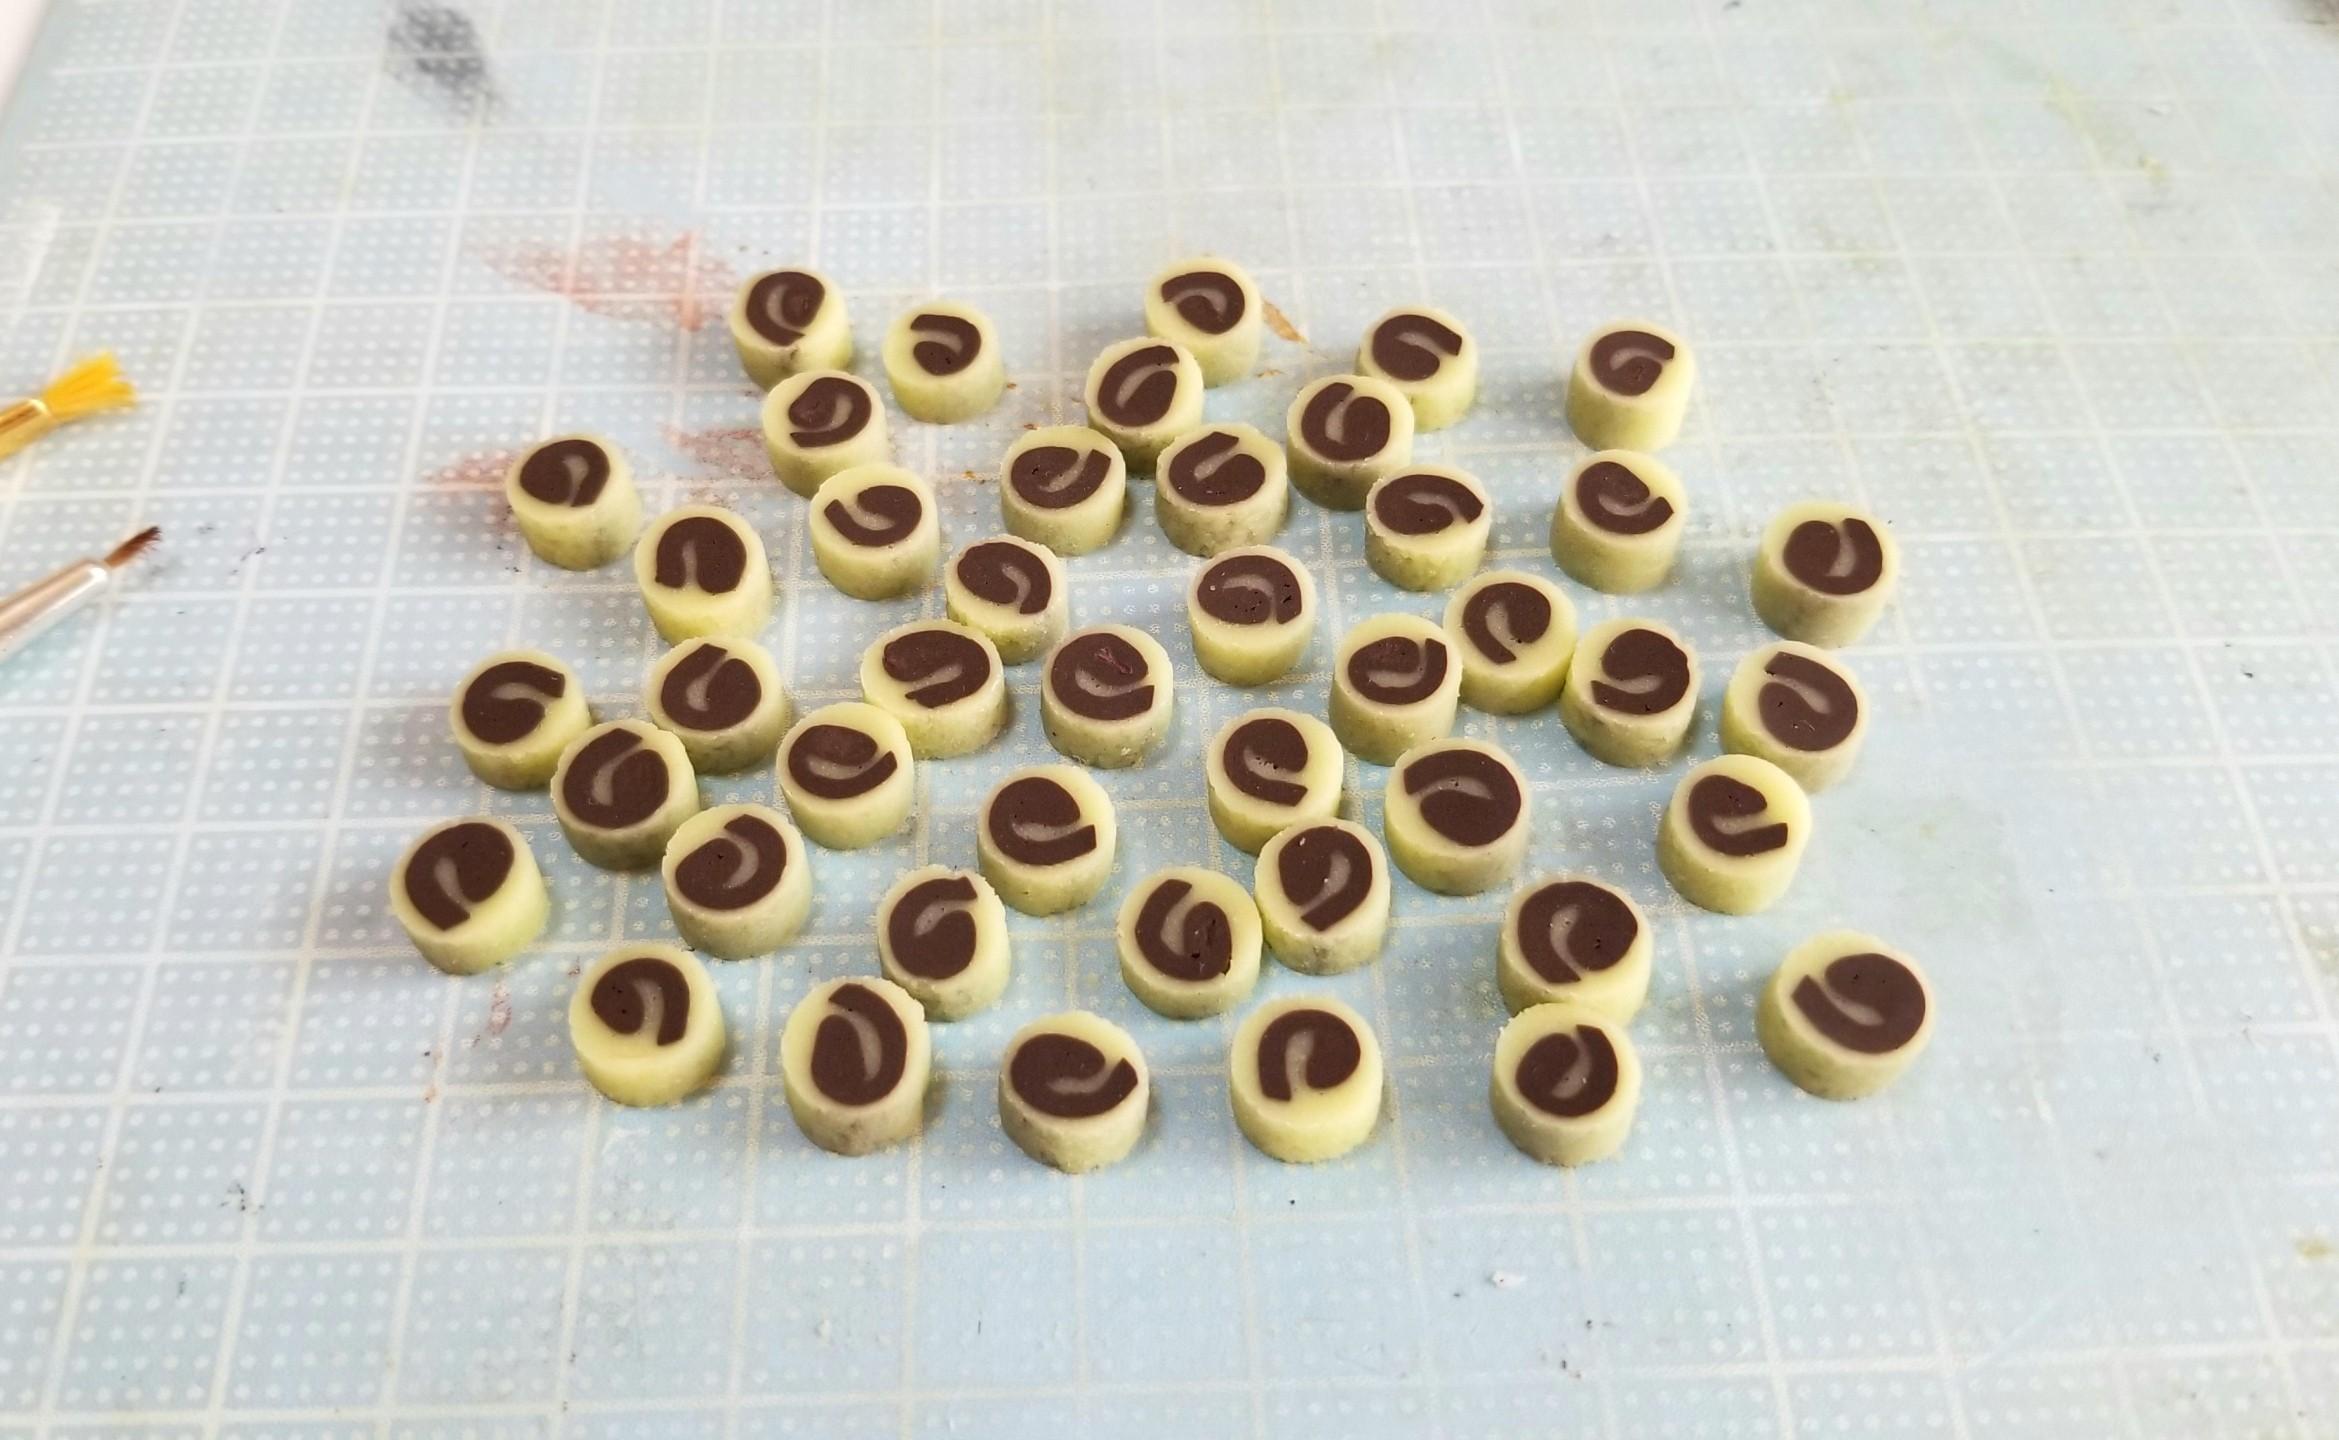 ミニチュア,和菓子,餡ロール,ニス塗り,樹脂粘土,ドールハウス